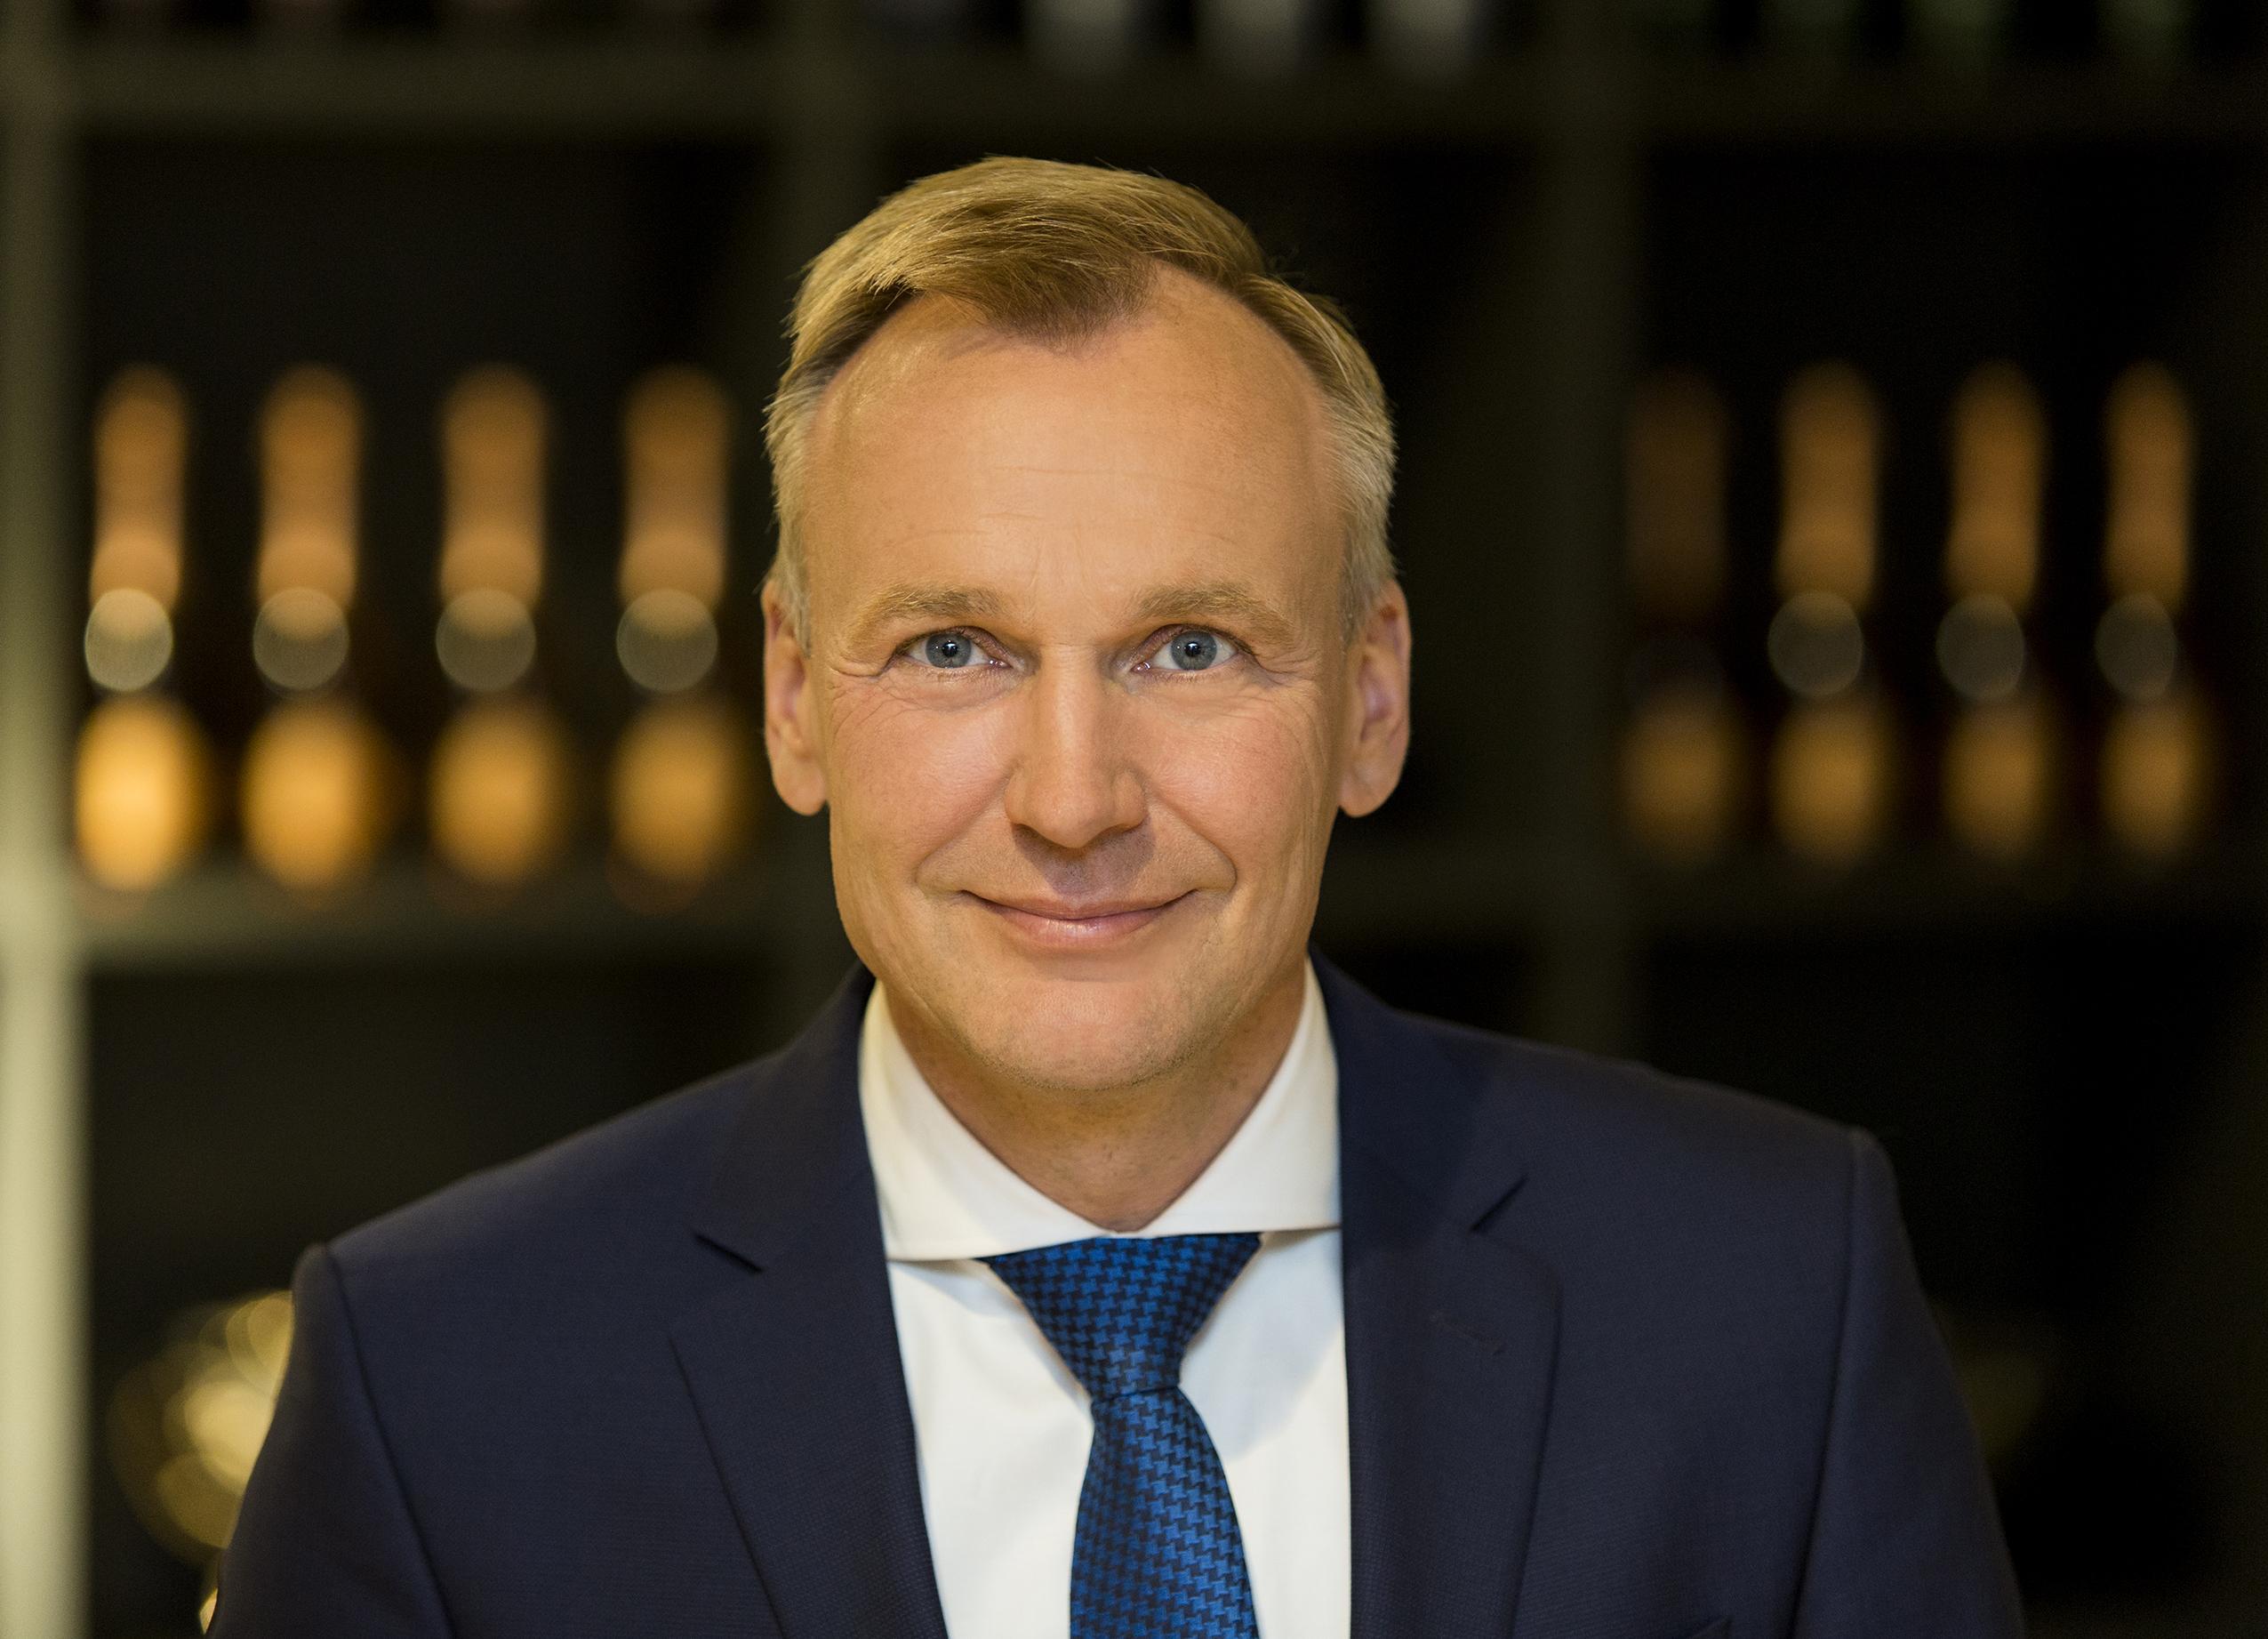 Henkell & Co.-Gruppe wächst im In- und Ausland